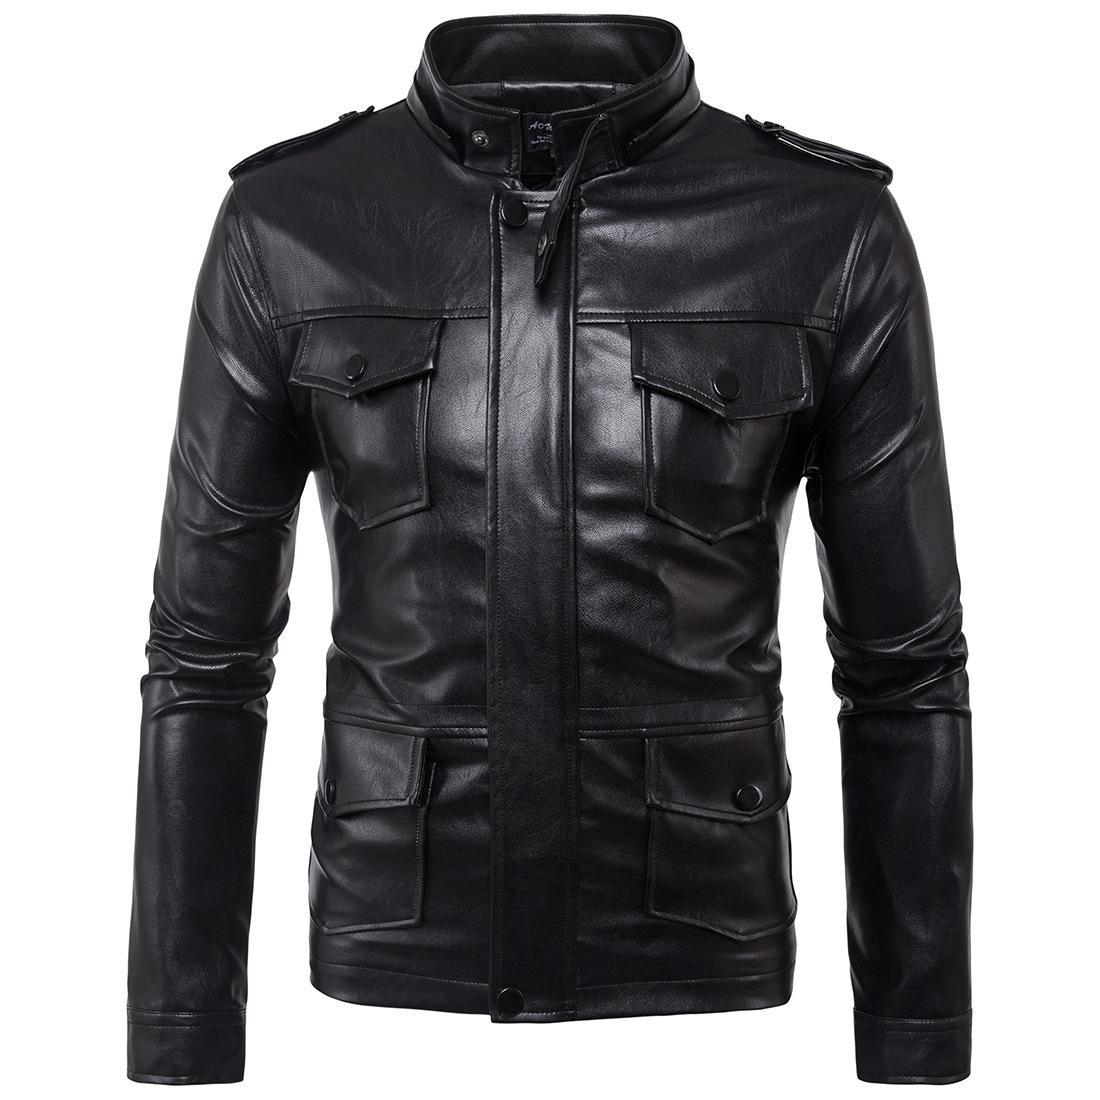 Ума 2019 Новый стиль Европа и Америка Мужчины Локомотив с капюшоном Мужские кожаные куртки кожаные пальто Ума Coat Товары Foot B005